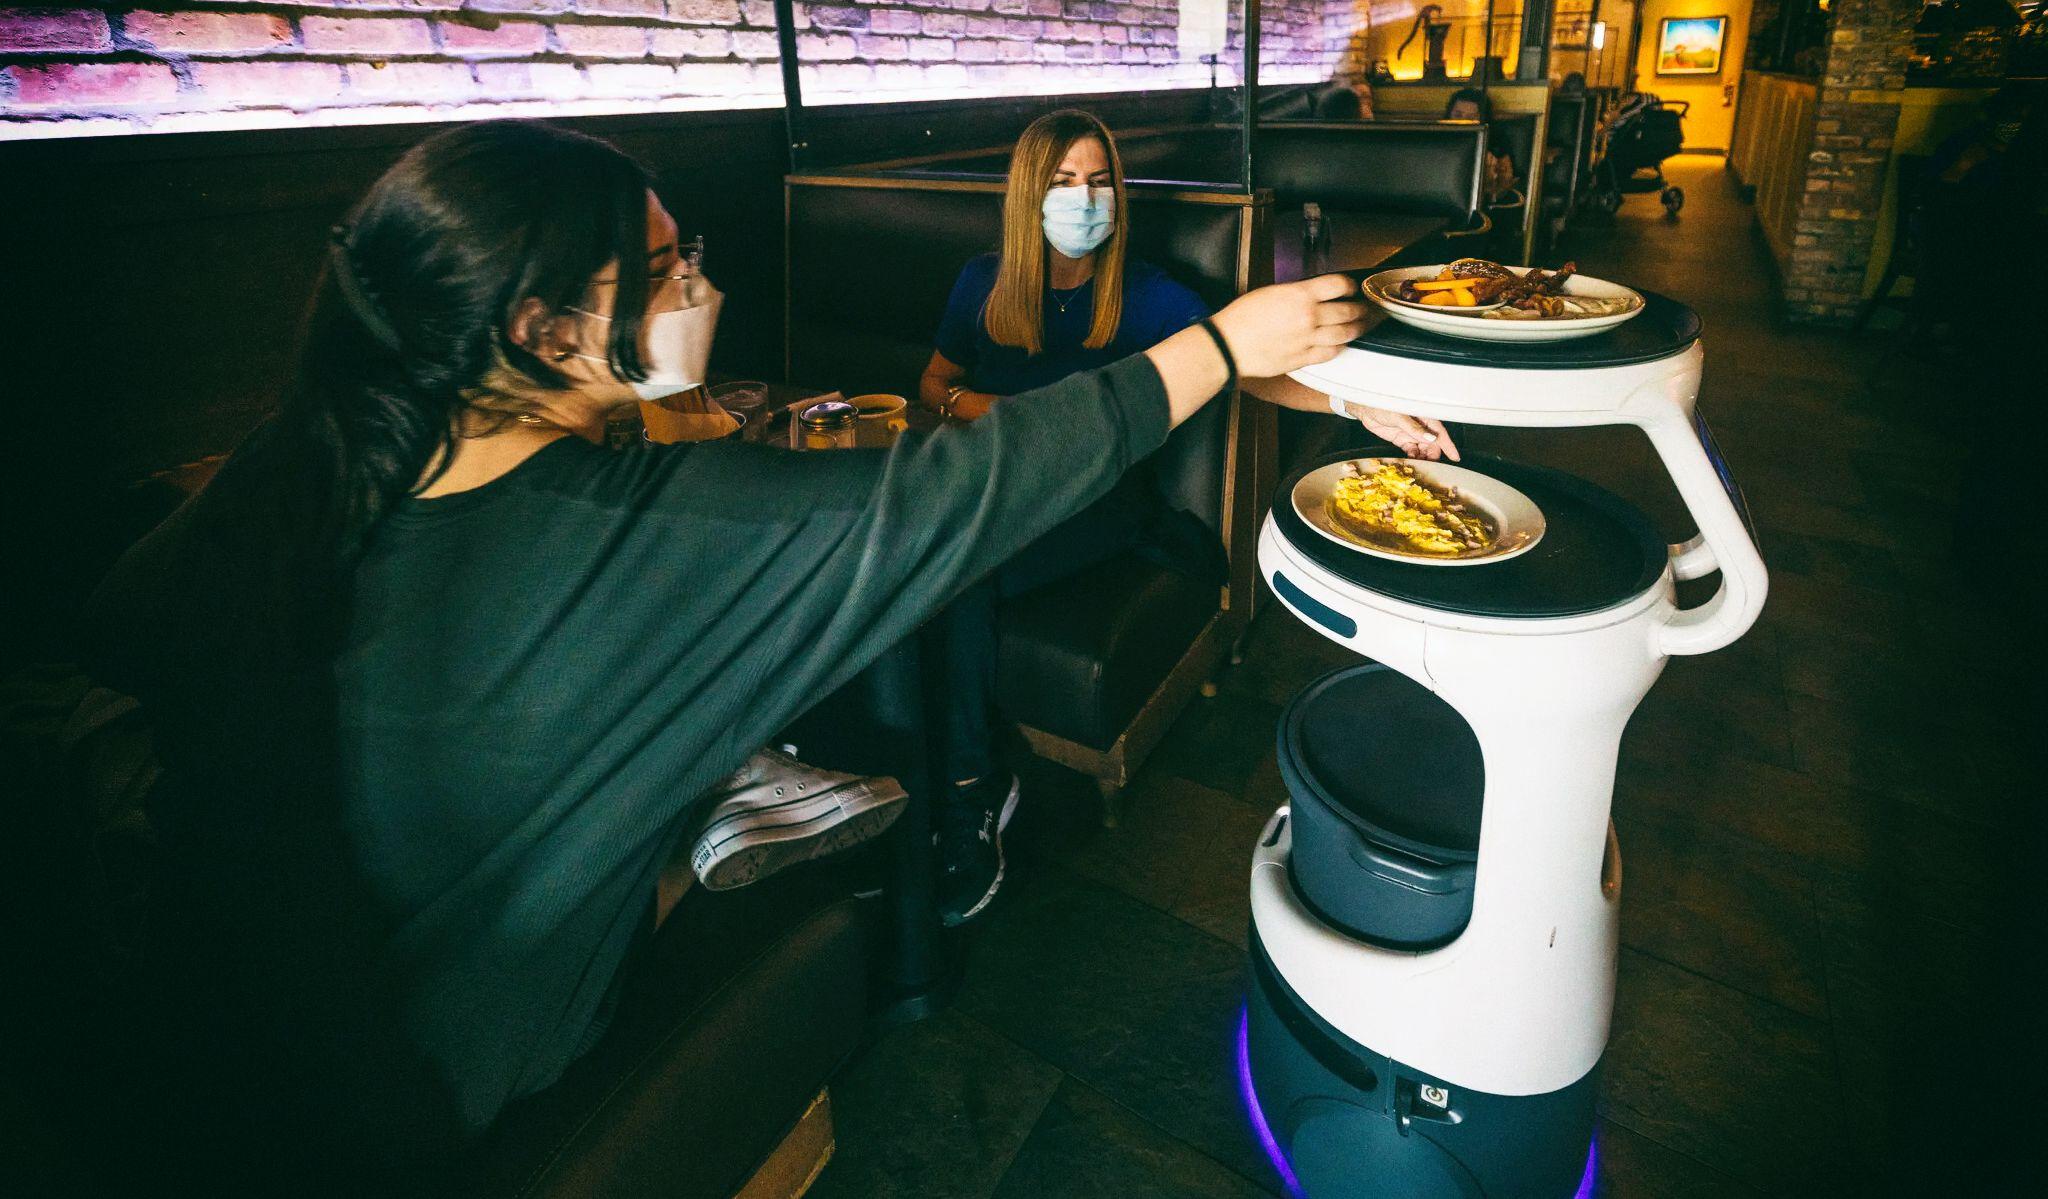 Благодаря роботам официанты получают больше чаевых